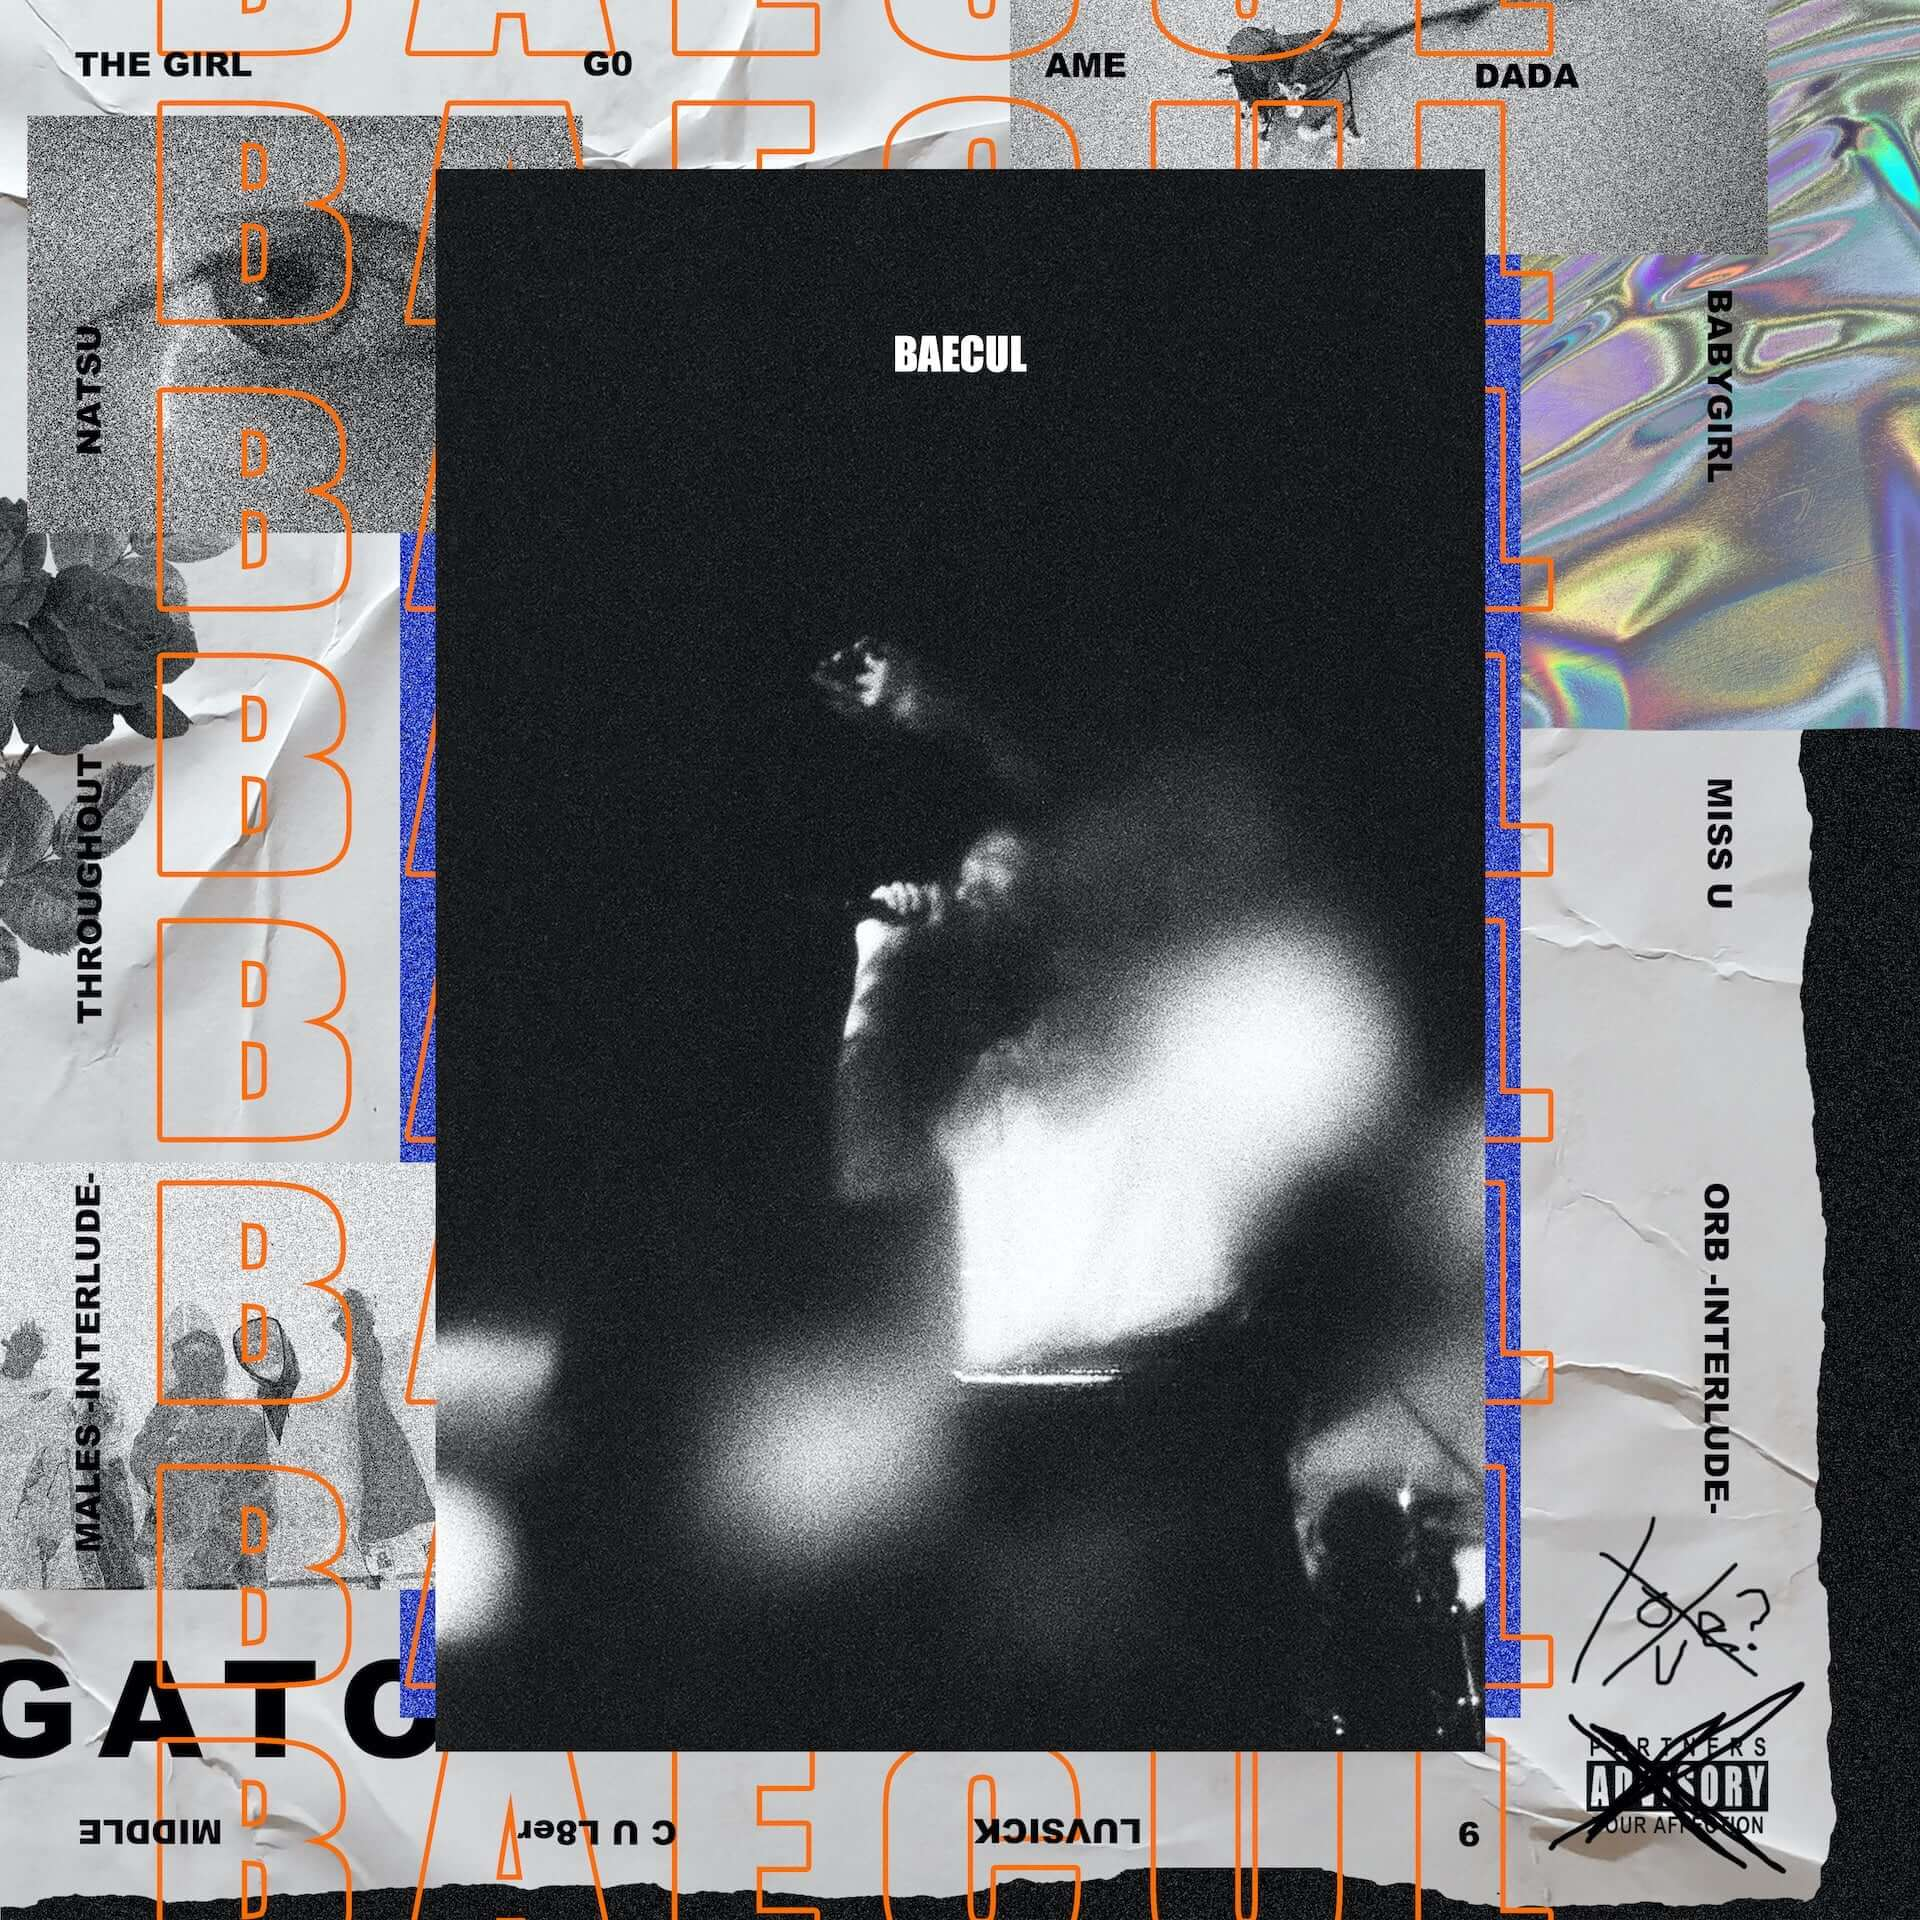 gatoと渋谷Contactによる年末イベント<guf>が開催決定!jinmenusagi、Mari Sakurai、FUJI TRILLらが登場 music201215_gato_2-1920x1920